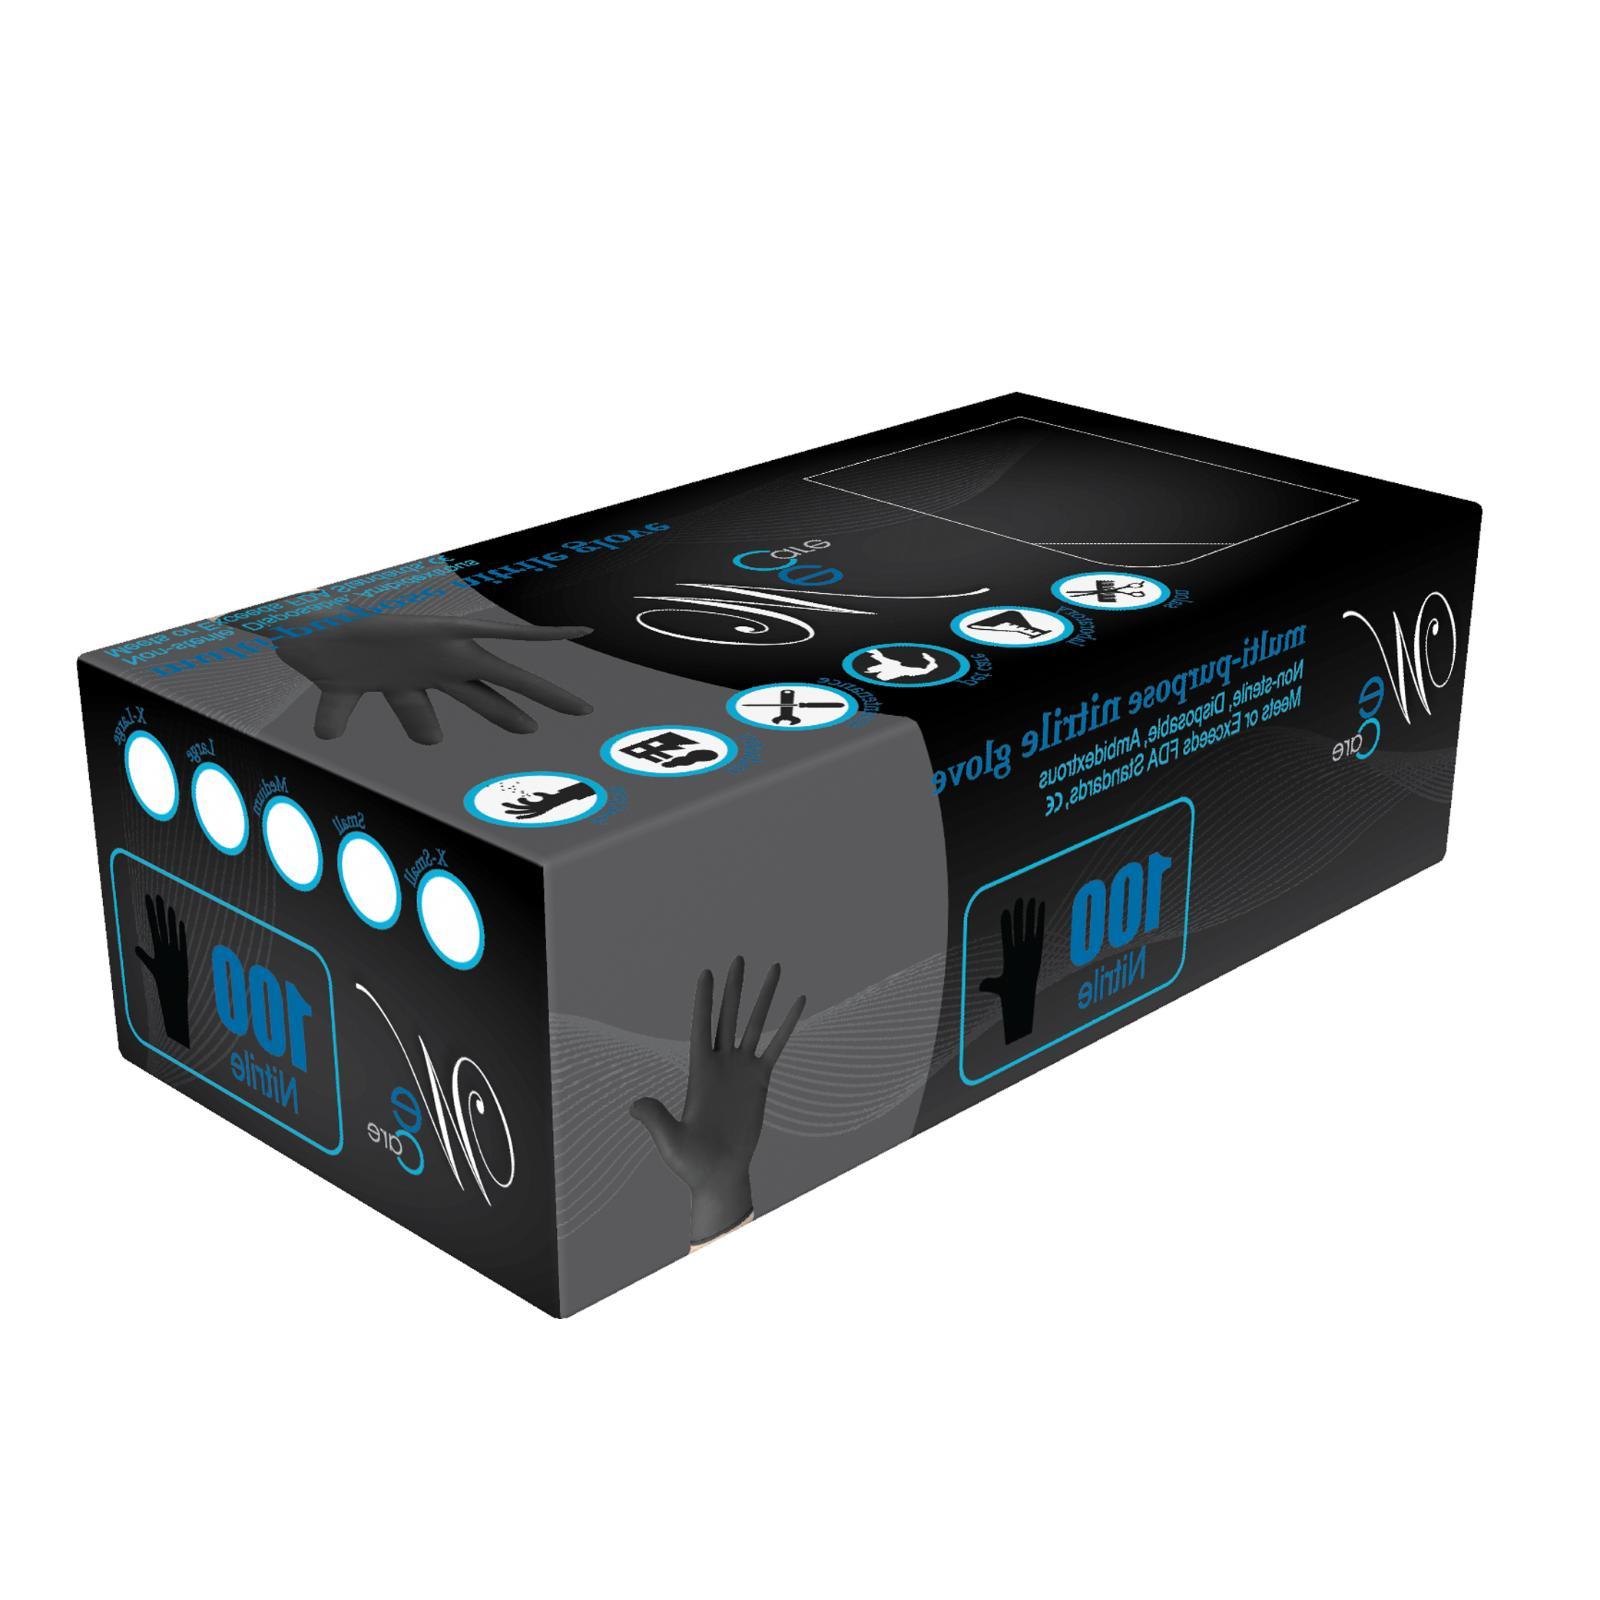 LARGE BLACK LATEX FREE, 100 PCS